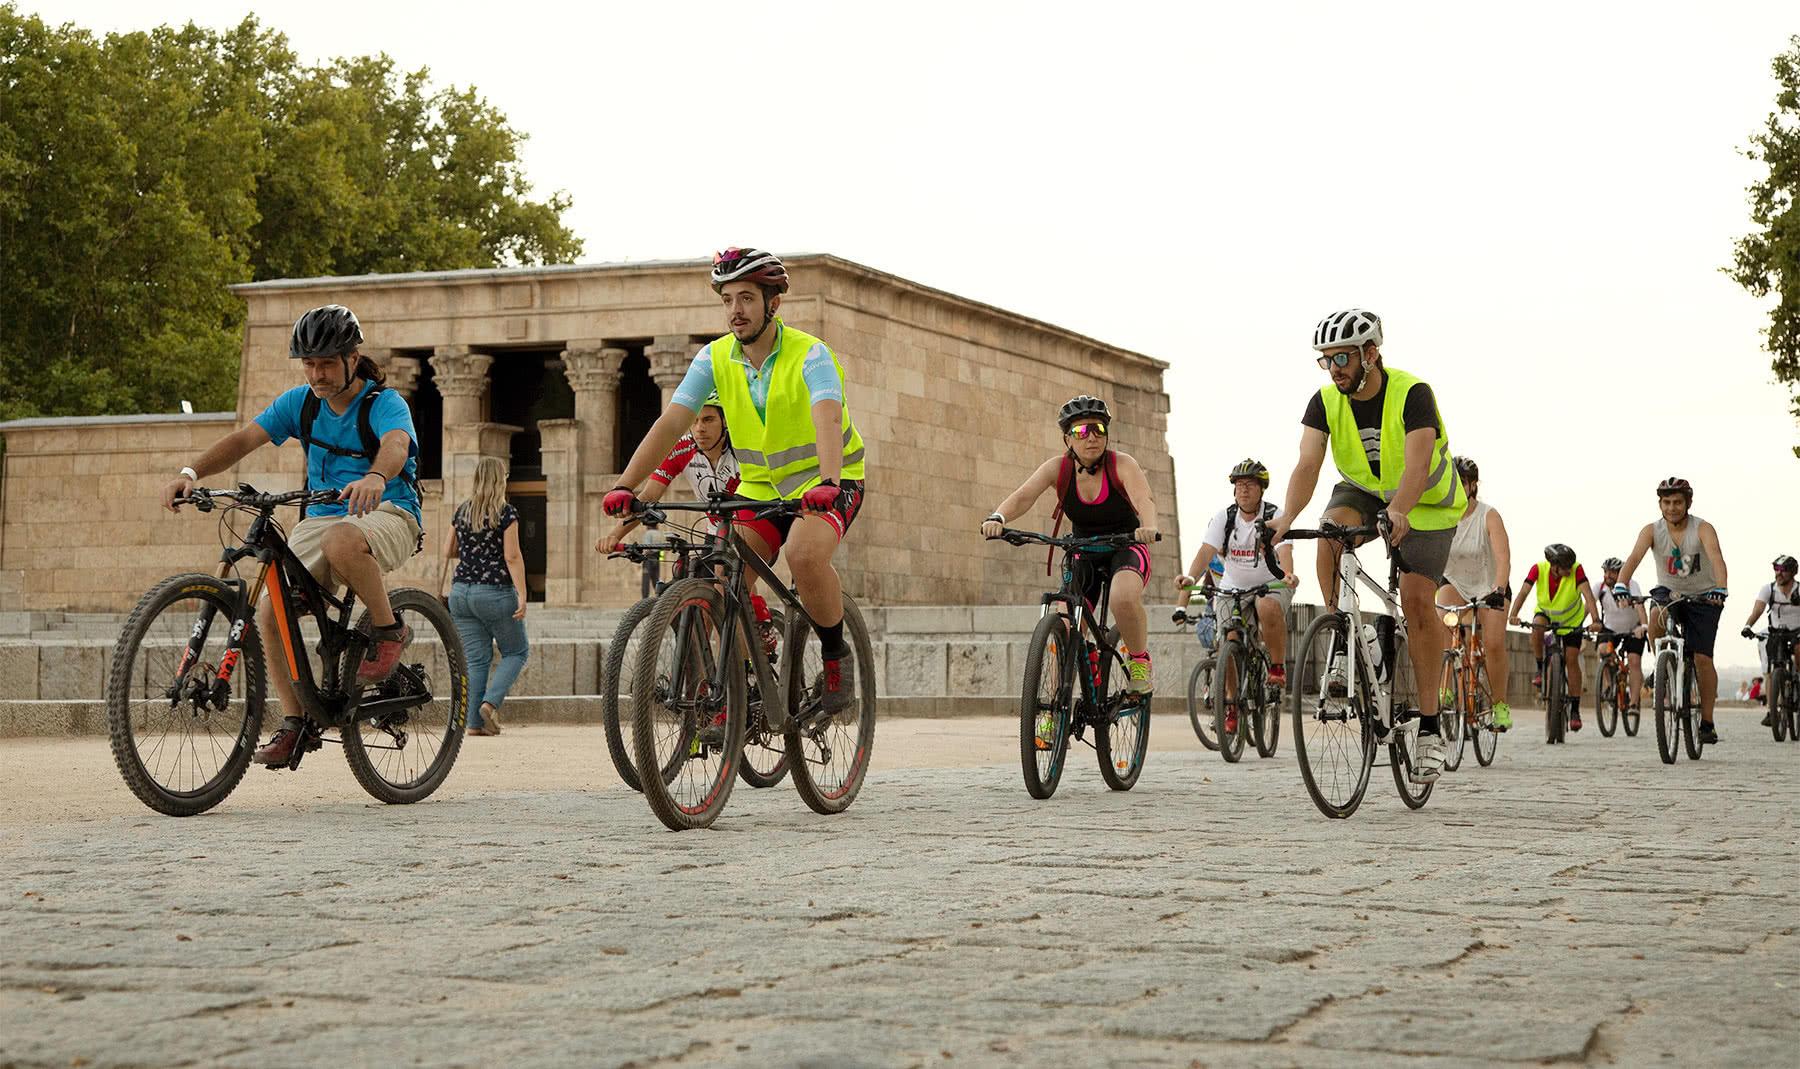 Quedada en bici para los ciudadanos del futuro